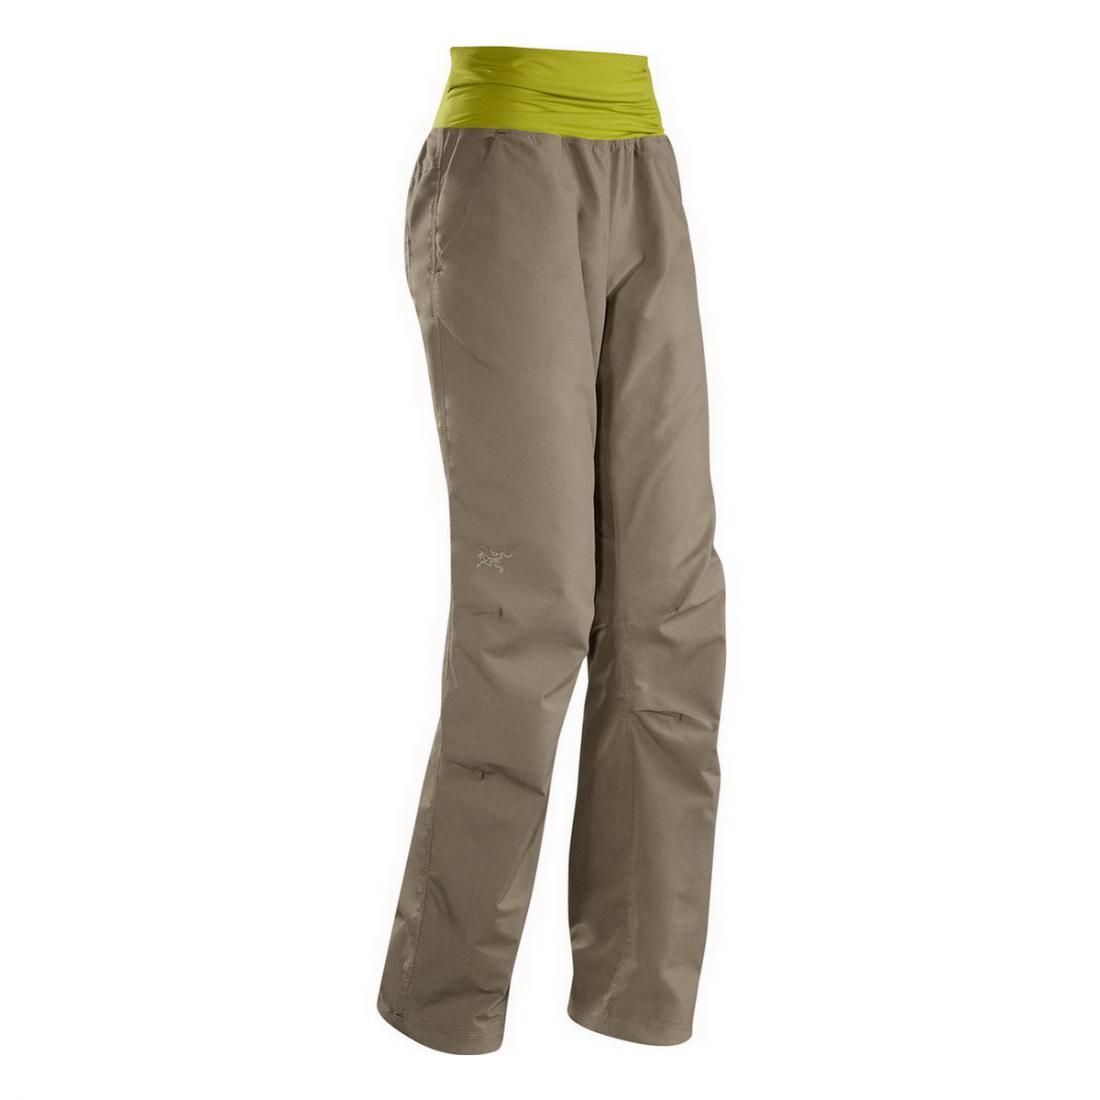 Брюки Emoji Pant жен.Брюки, штаны<br><br><br><br> Emoji Pant– широкие удобные брюки с высоким эластичным поясом. Это женская модель от компании Arcteryx привлекает внимание любительниц ...<br><br>Цвет: Серый<br>Размер: 10